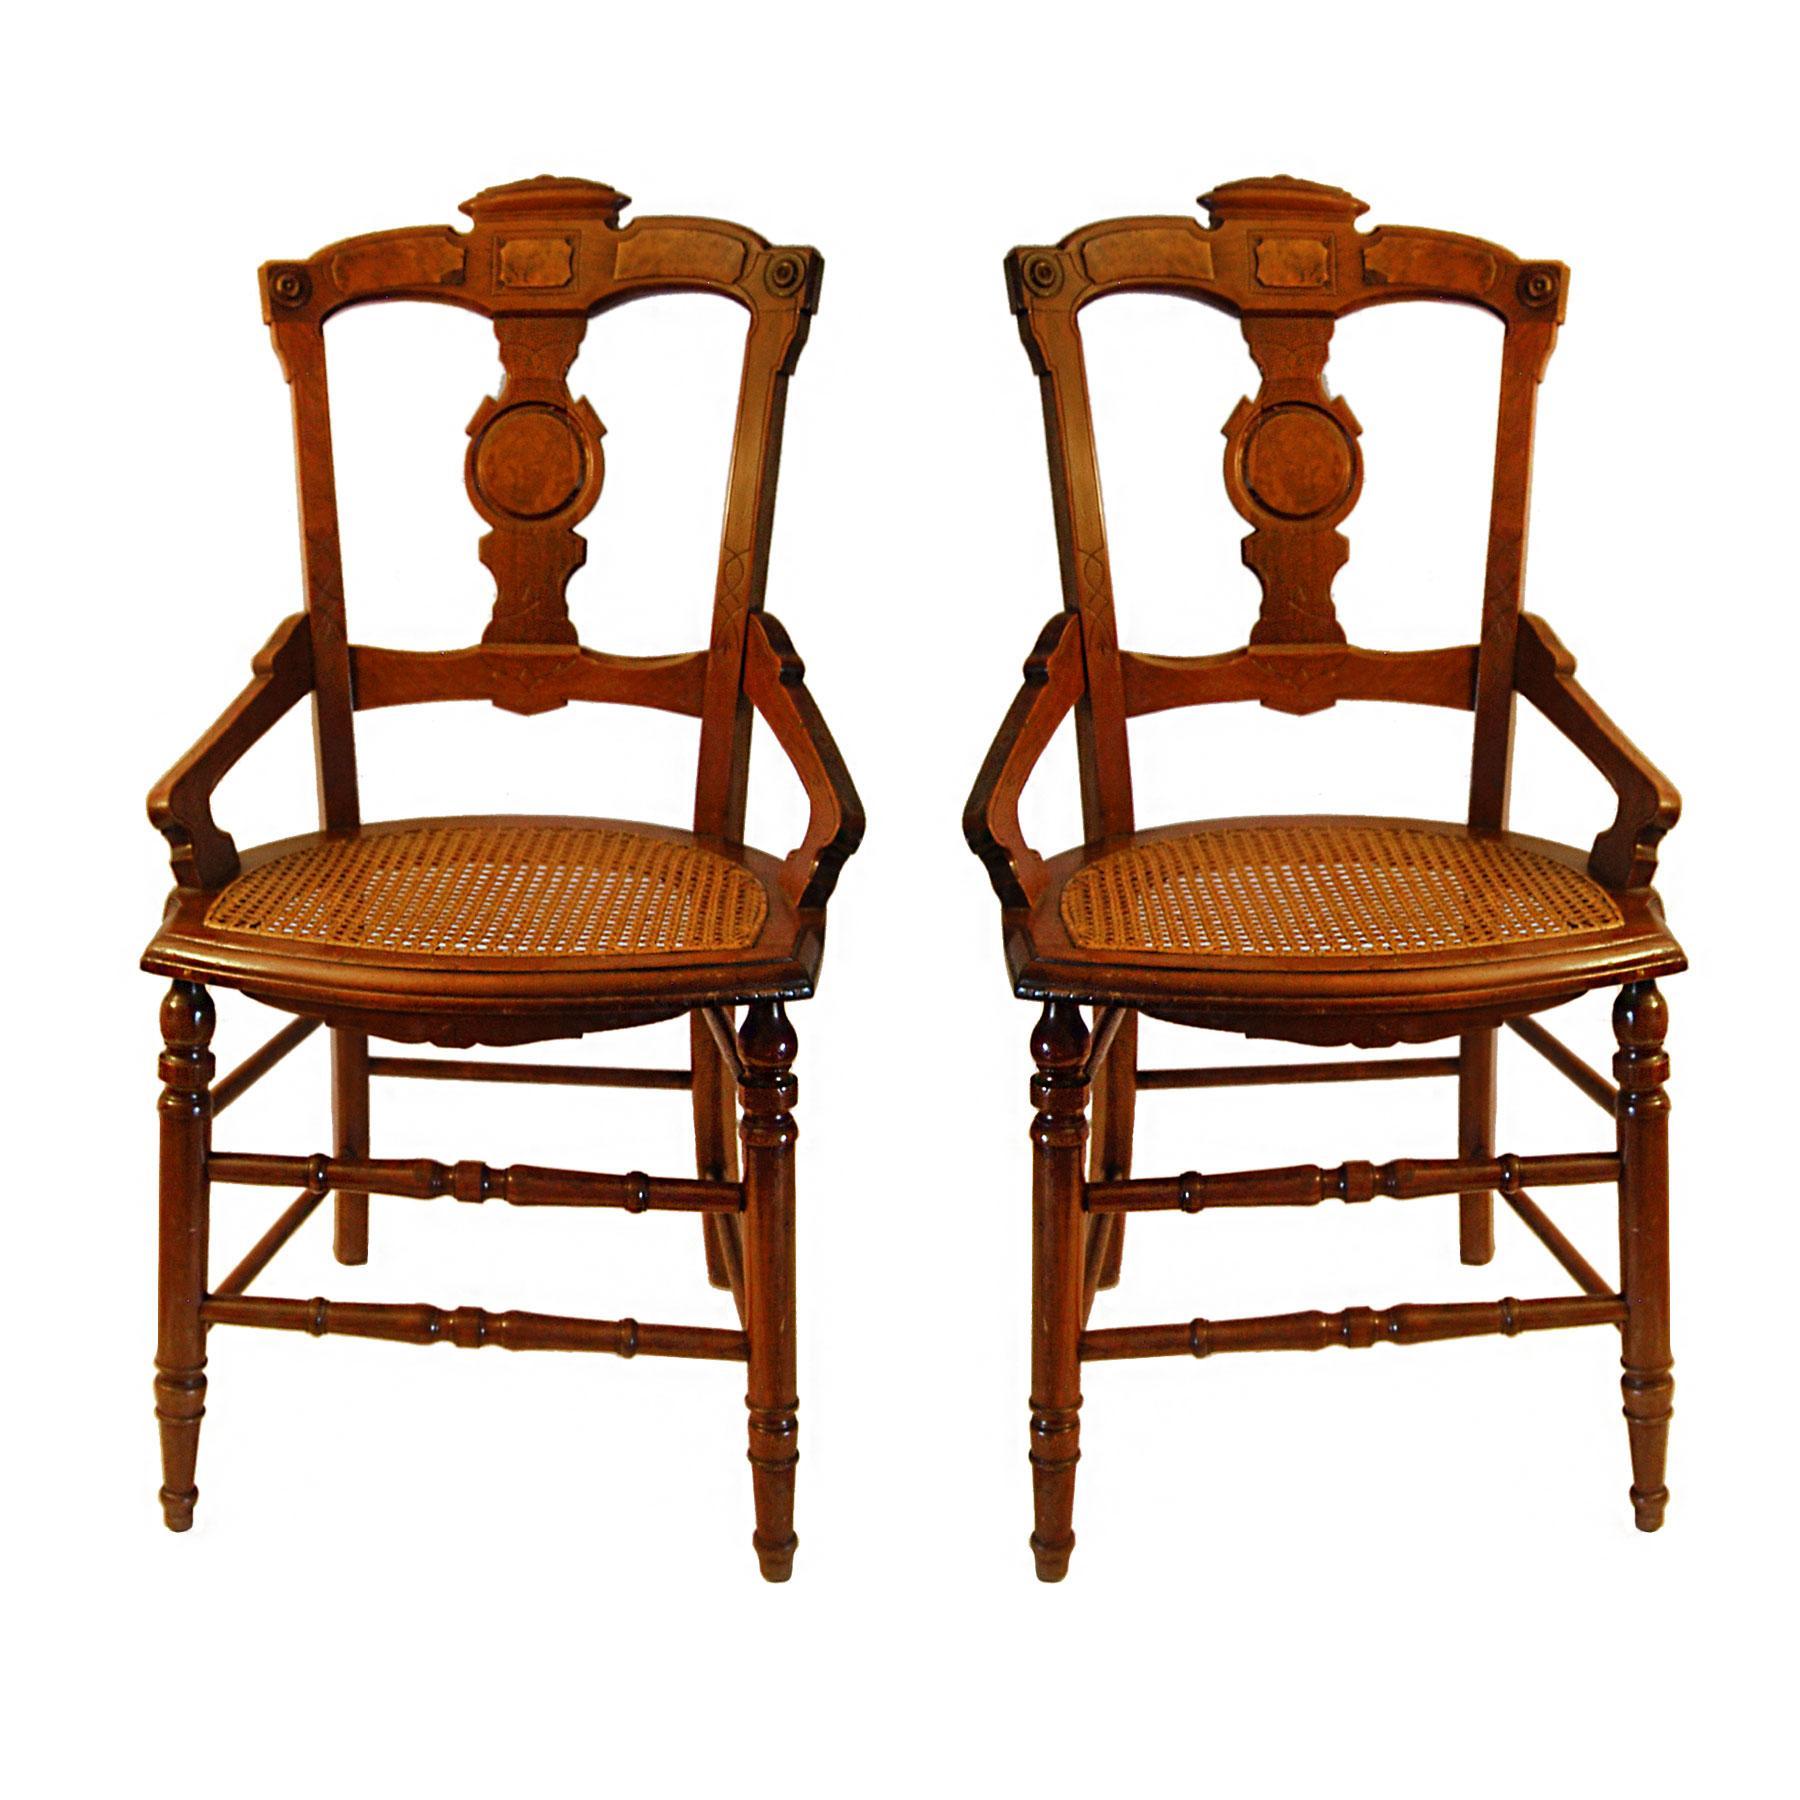 Antique Dutch Cane Bottom Chairs Pair Chairish